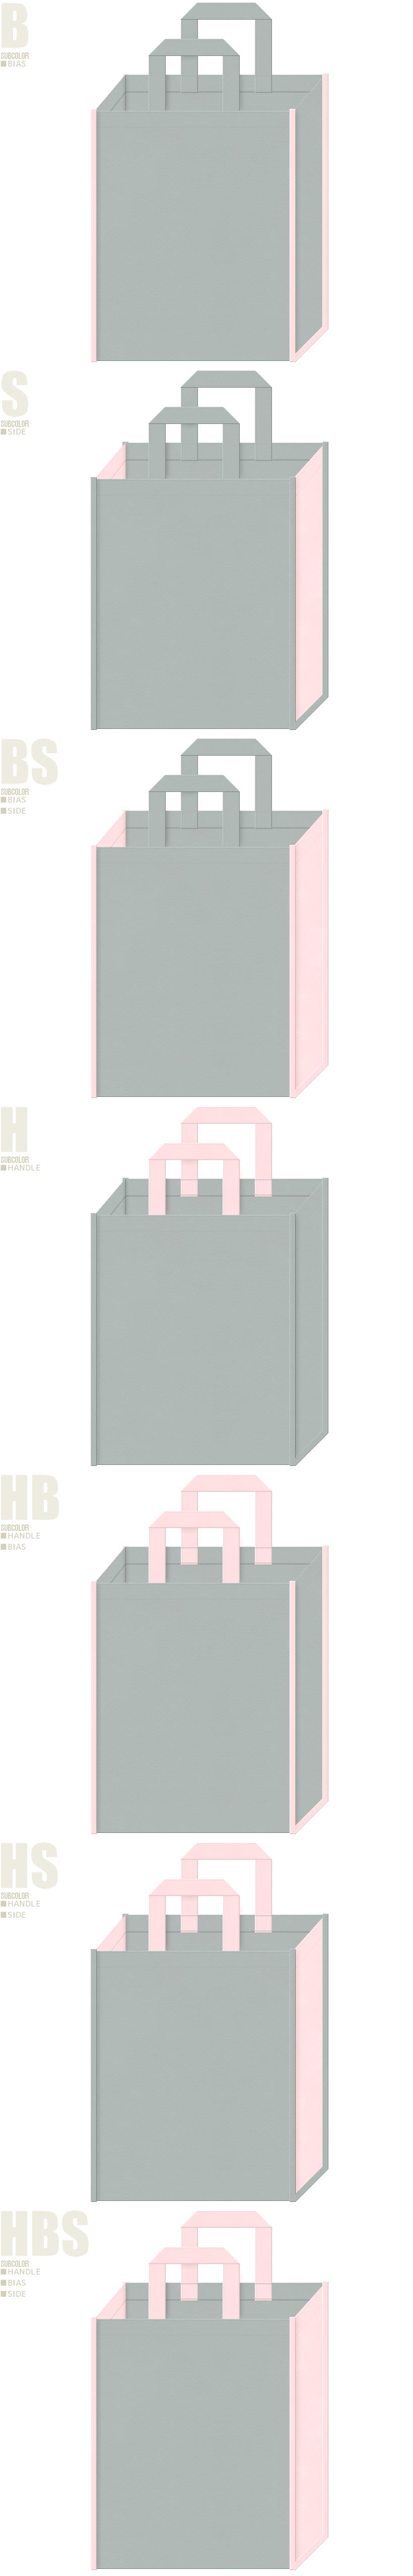 スニーカー・事務服・ワーキングウェアの展示会用バッグにお奨めの不織布バッグデザイン:グレー色と桜色の配色7パターン